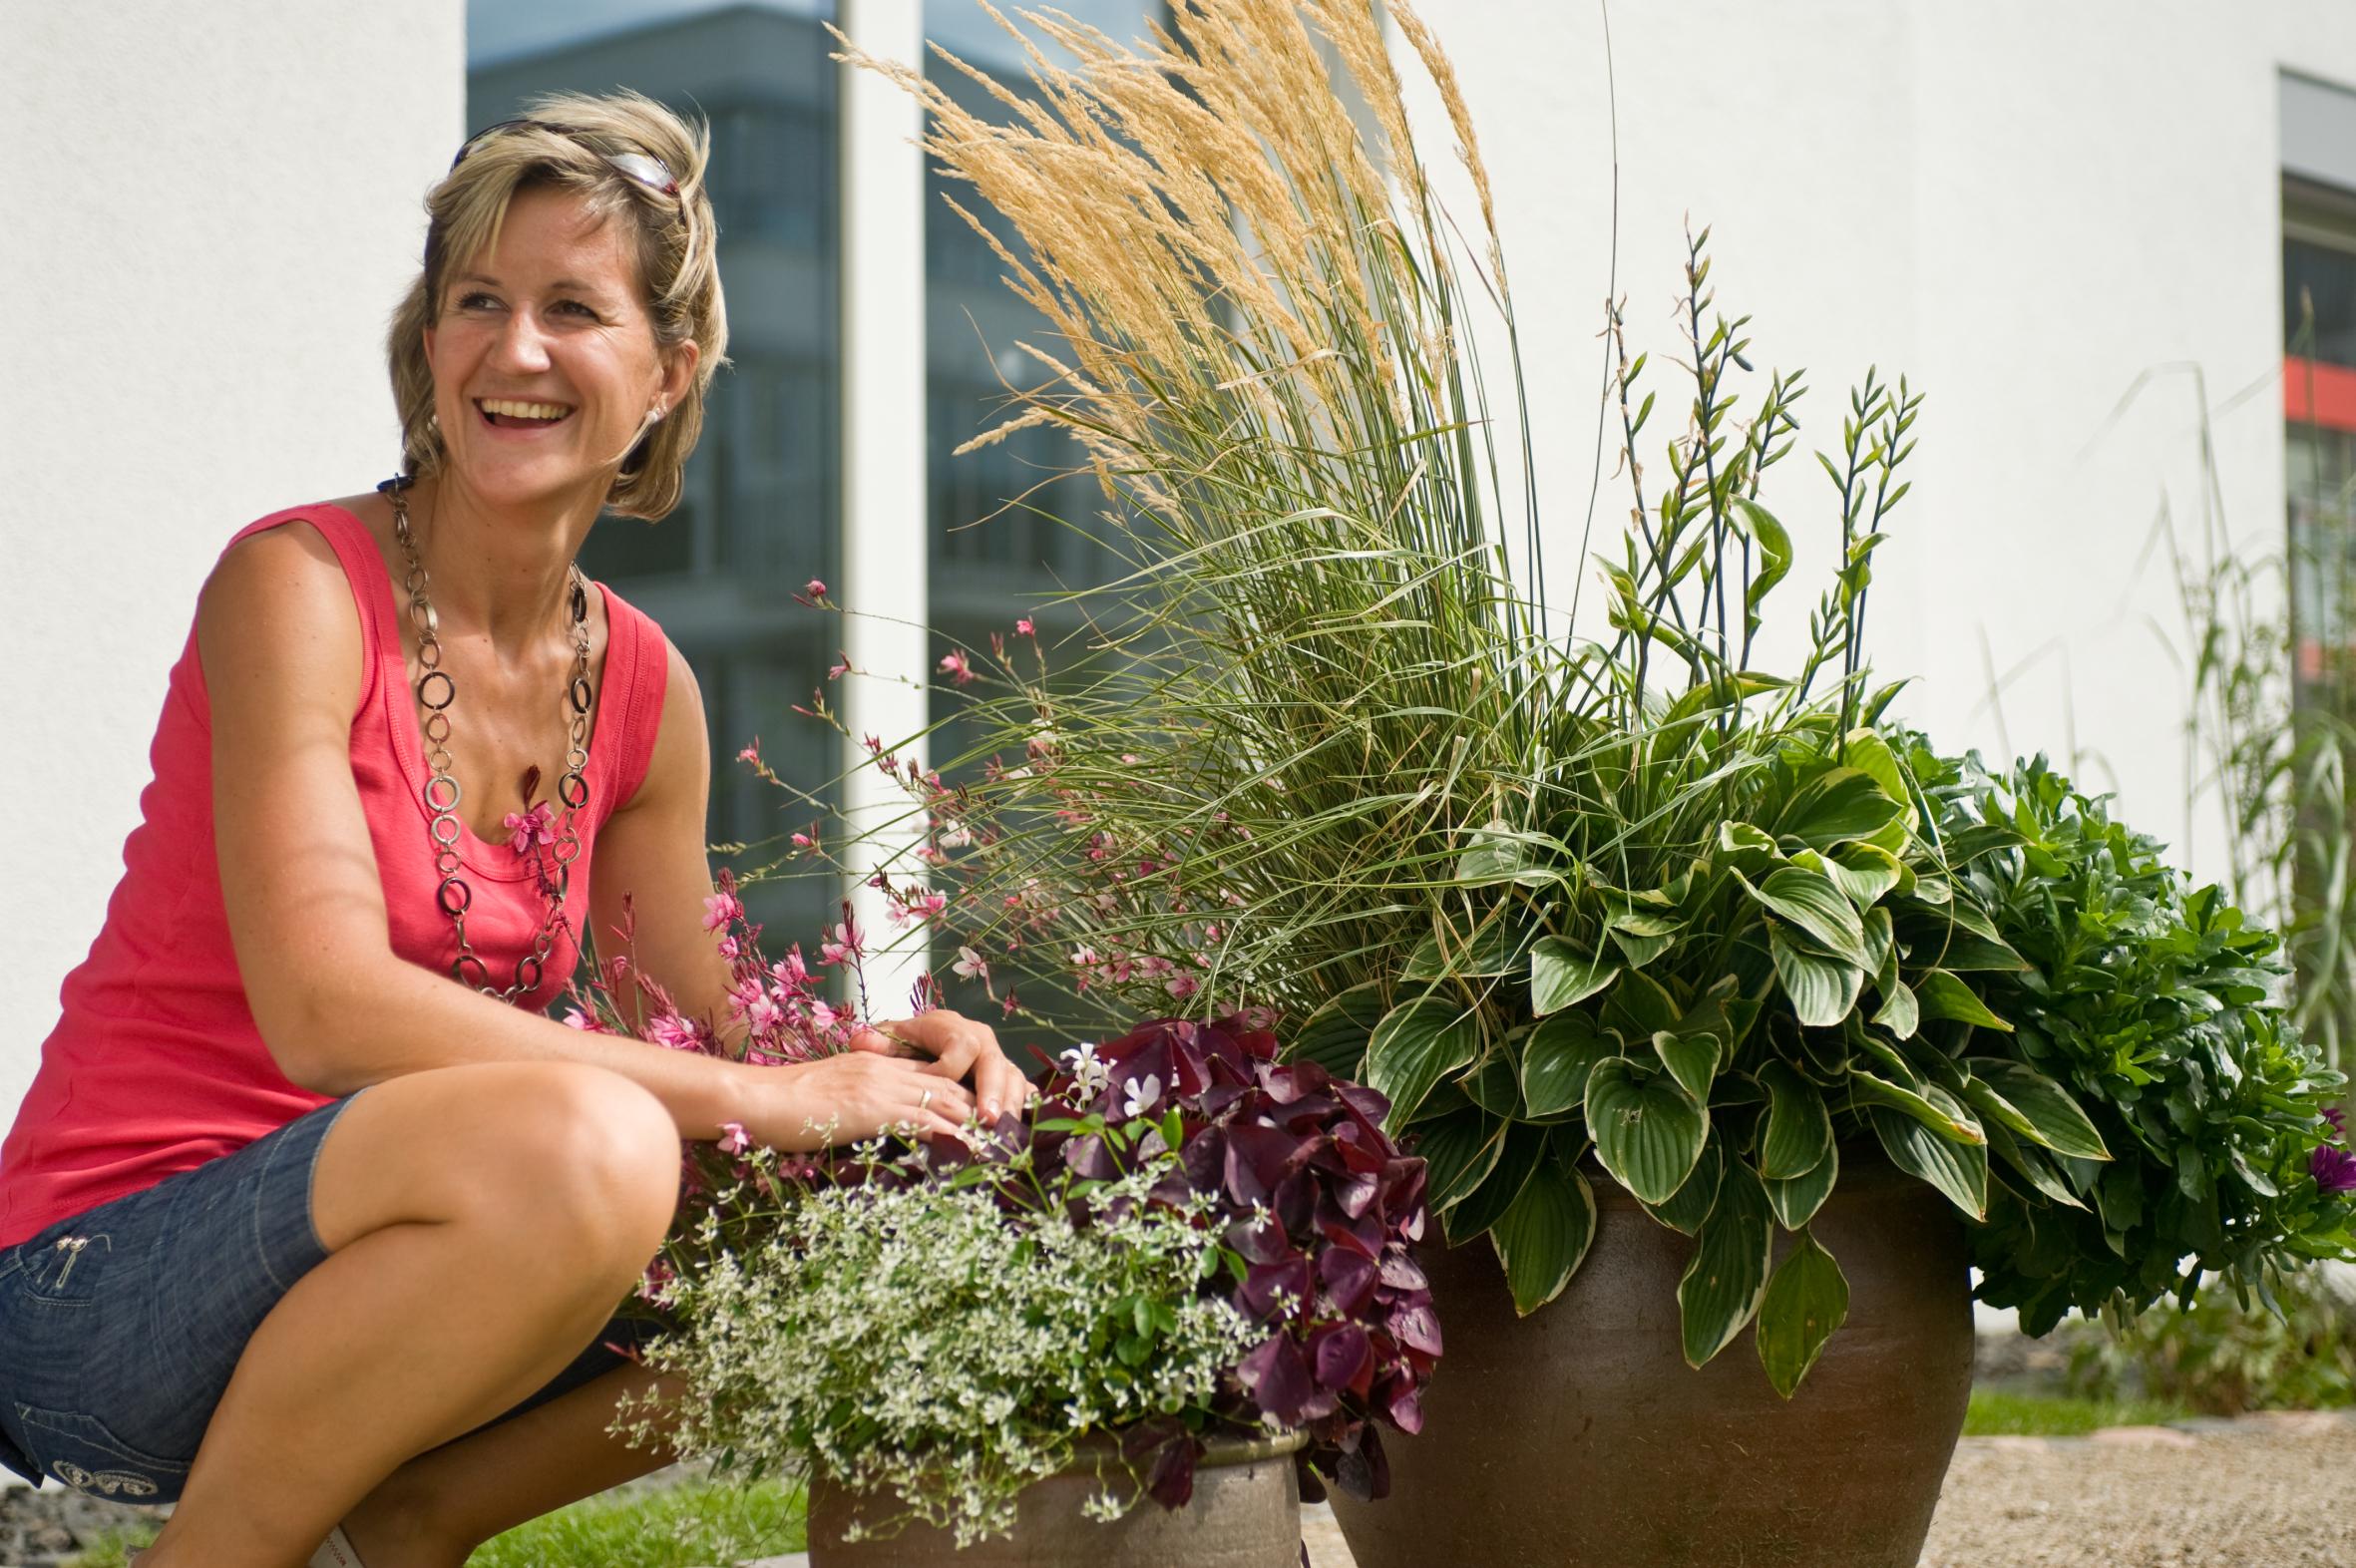 Full Size of Bewässerung Balkon Blumenpflege Zur Urlaubszeit Tipps Richtigen Bewsserung Bewässerungssysteme Garten Test Bewässerungssystem Automatisch Wohnzimmer Bewässerung Balkon